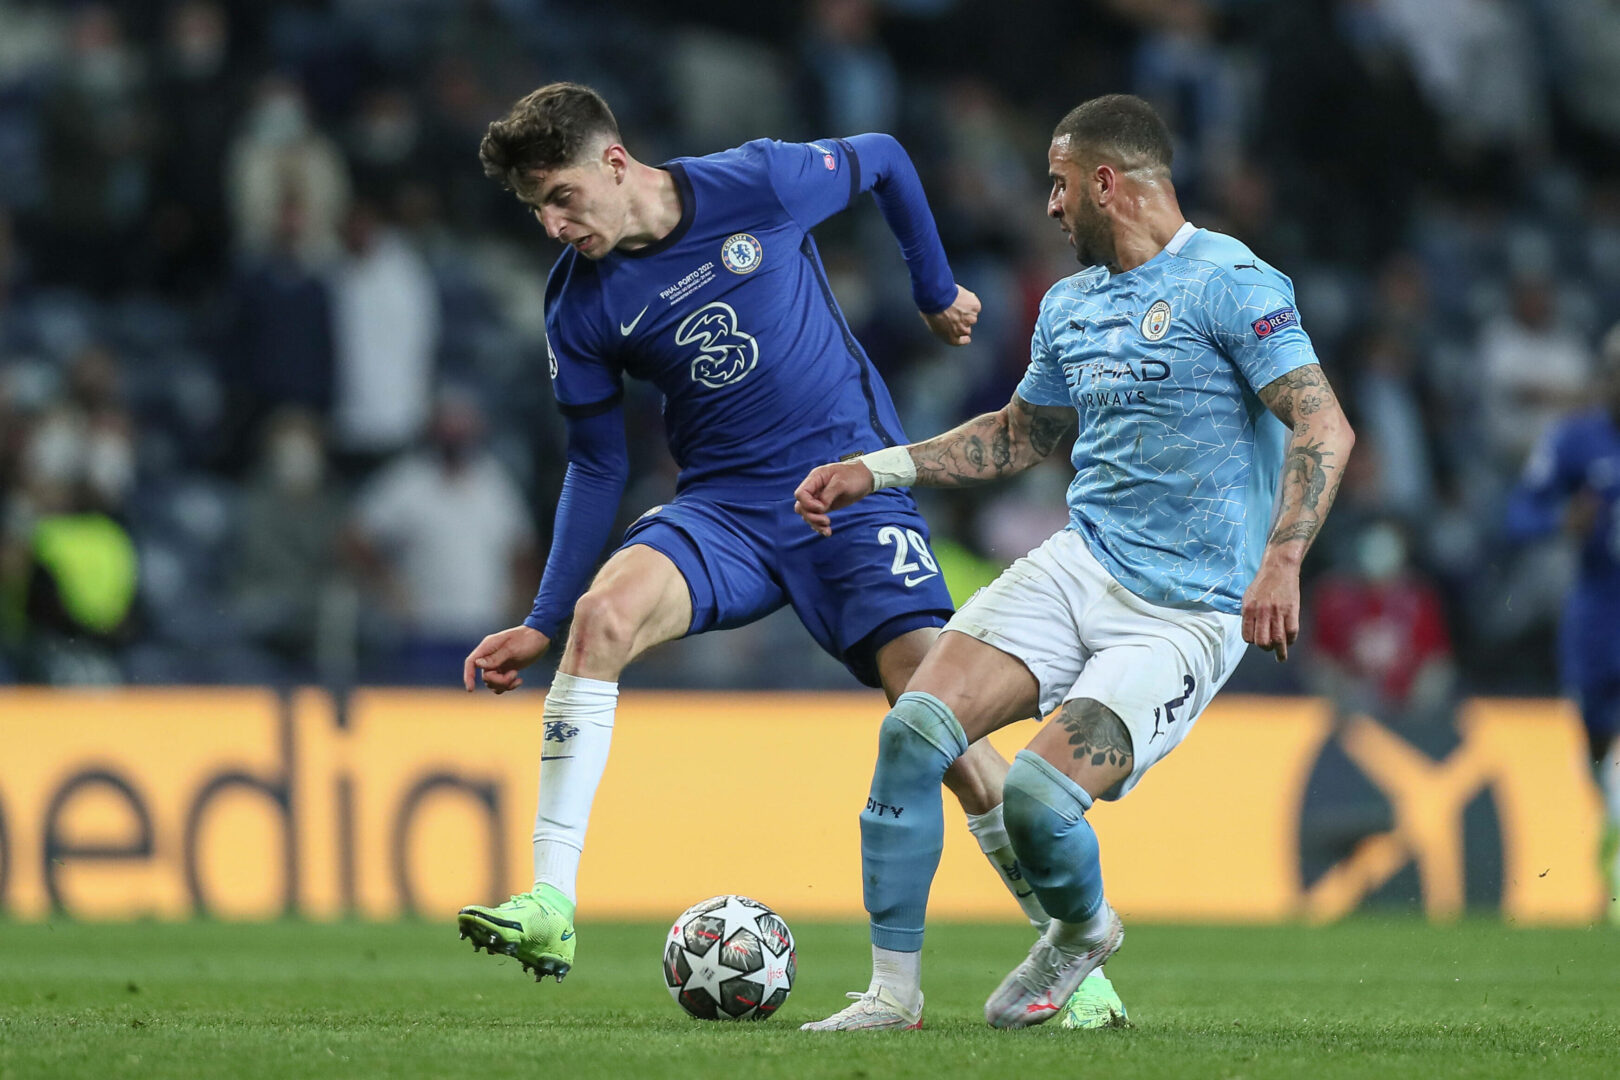 Spitzenspiel in der Premier League: Hat Chelsea gegen Manchester City erneut die Nase vorn?